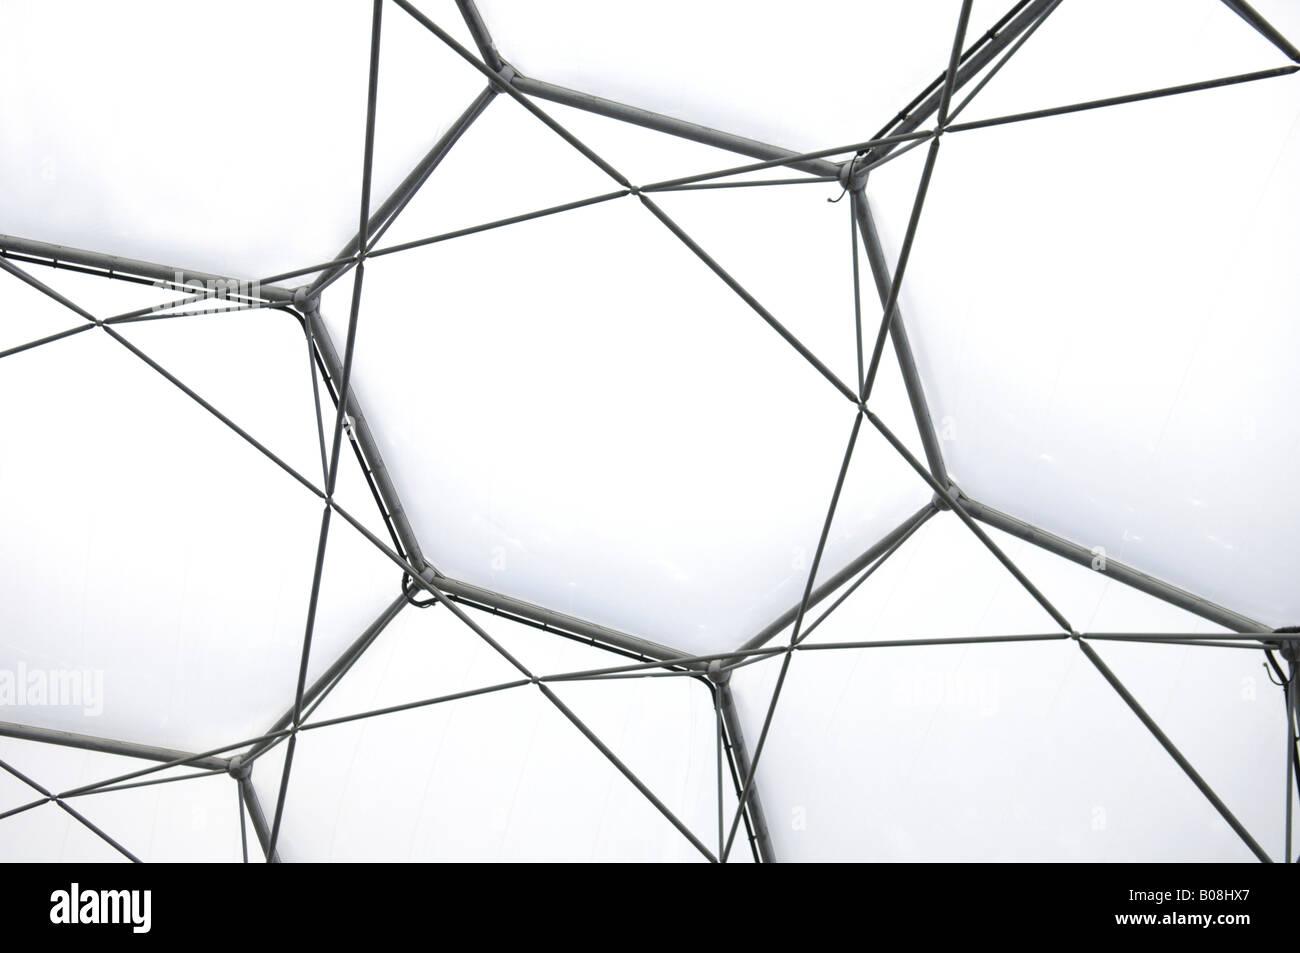 Estructuras de hierro del Eden Project bioma techo en Cornwall Inglaterra Foto de stock